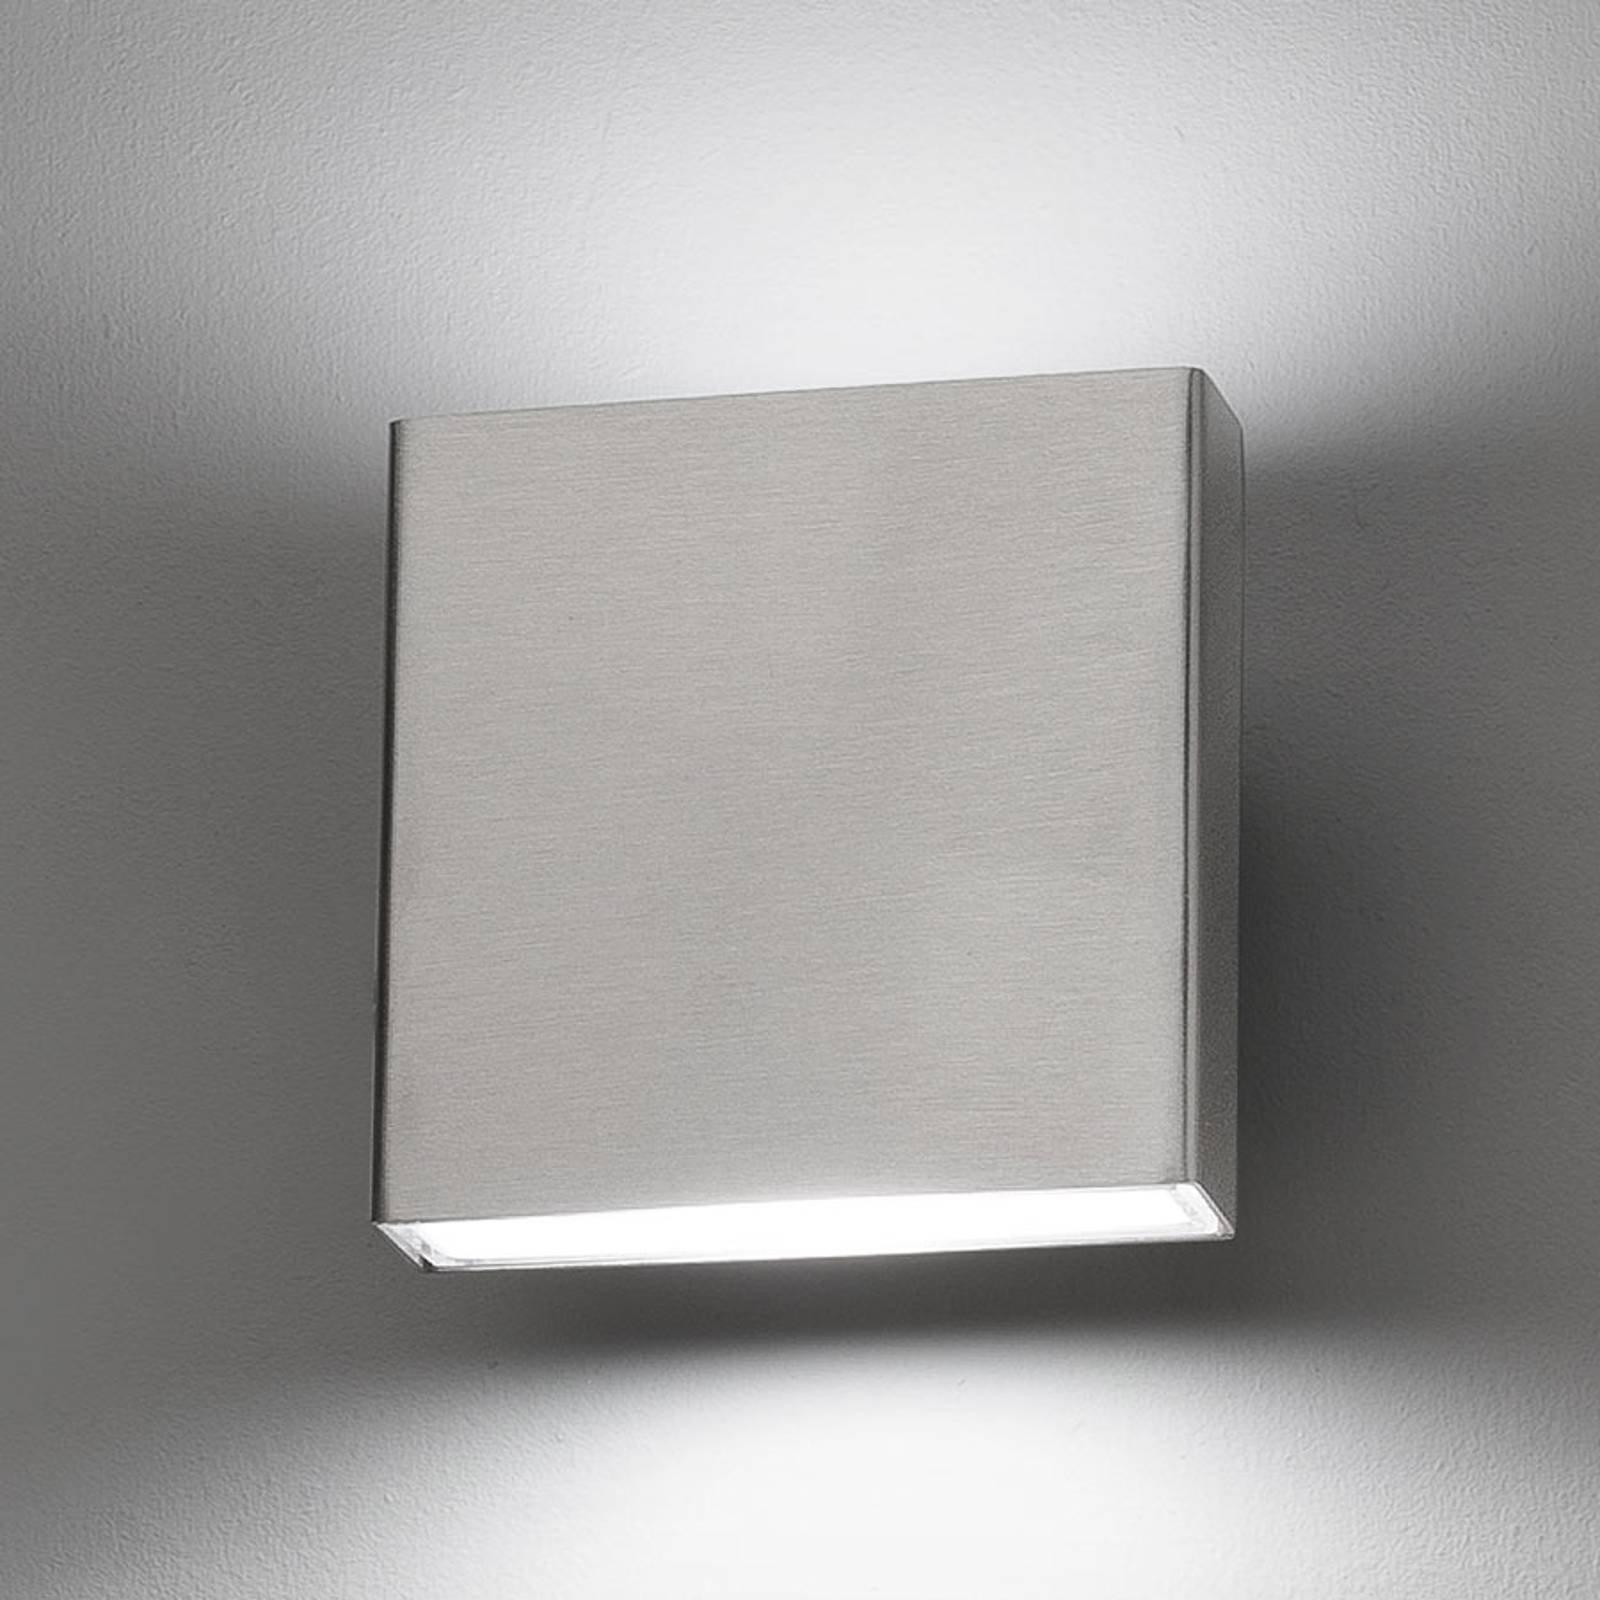 Saltvannsresistent utendørs LED-vegglampe Kaula